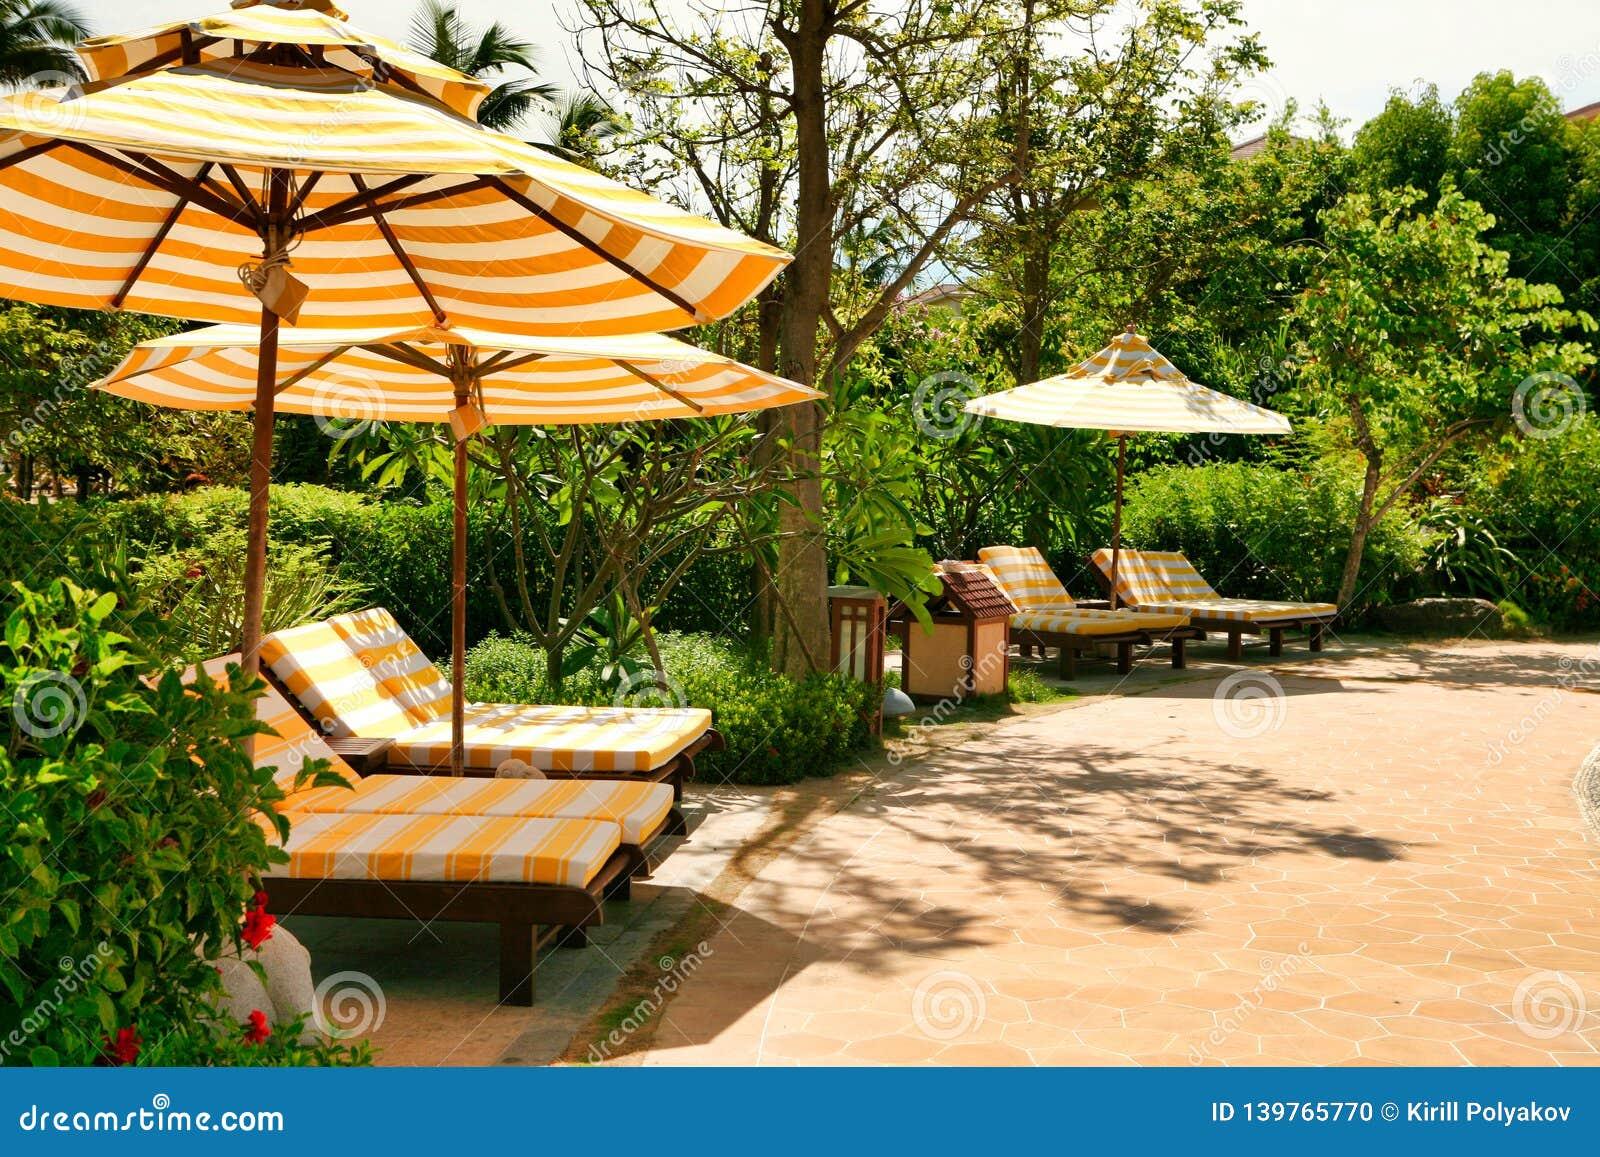 Tomma chaisevardagsrum med guling-vit randiga madrasser som står under ett solparaply med den samma modellen Sanya Hainan